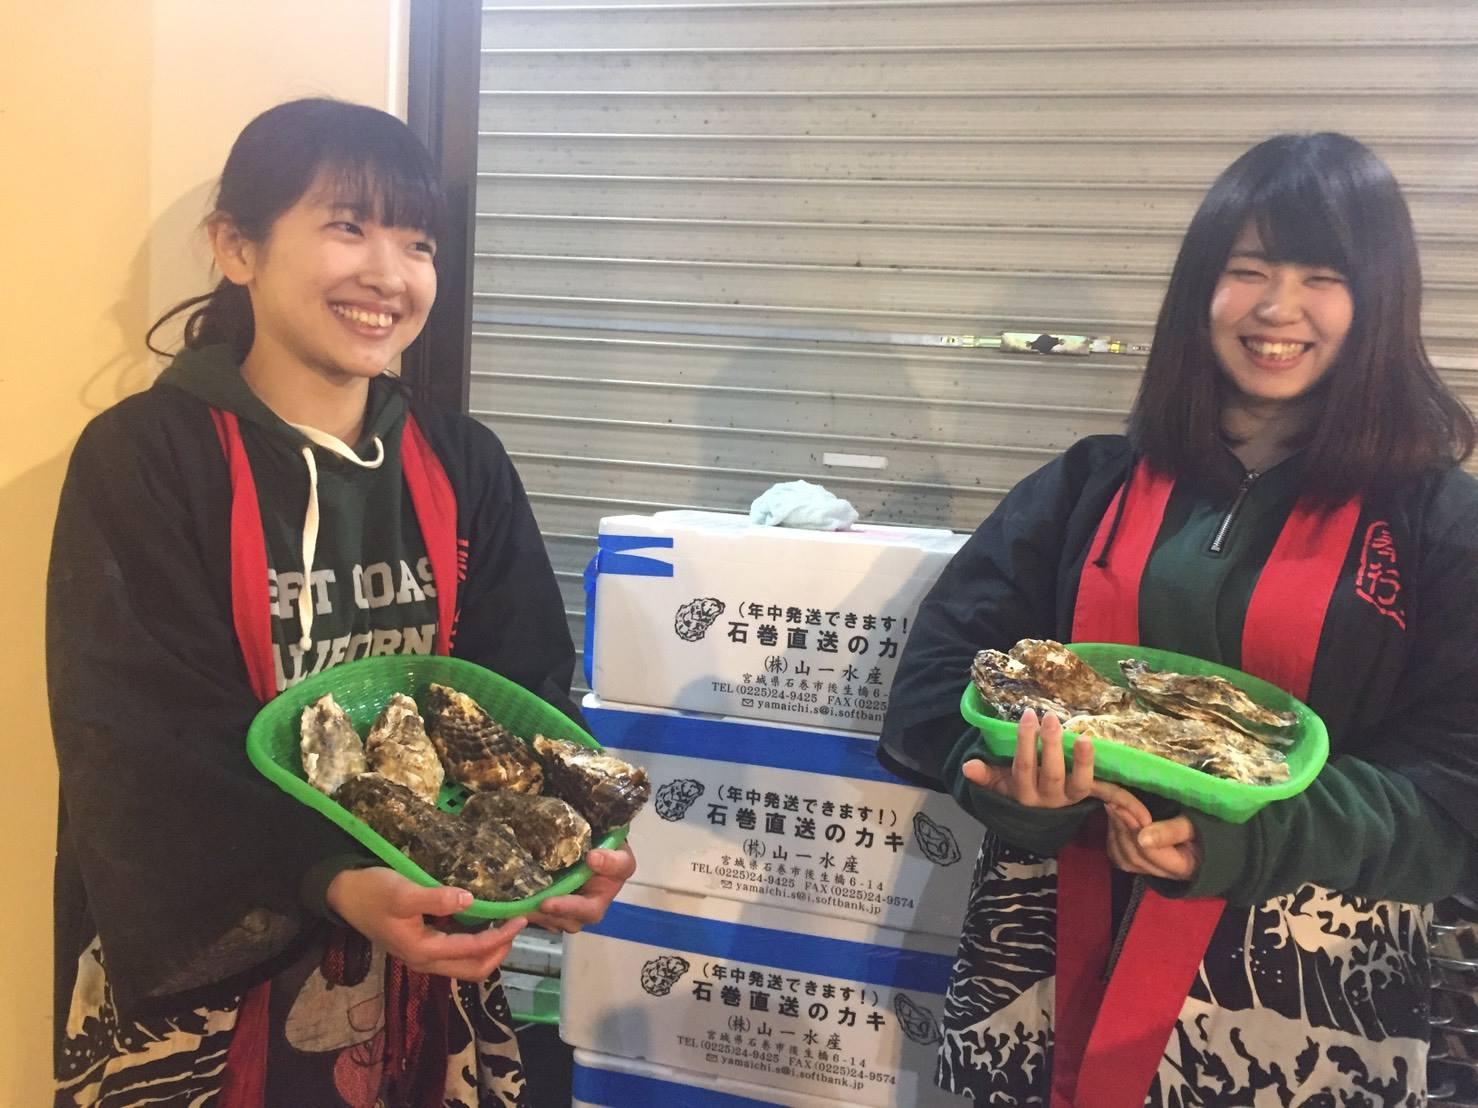 牡蠣が1年で1番美味しい季節♪【出張牡蠣小屋】牡蠣奉行in津田沼パルコ